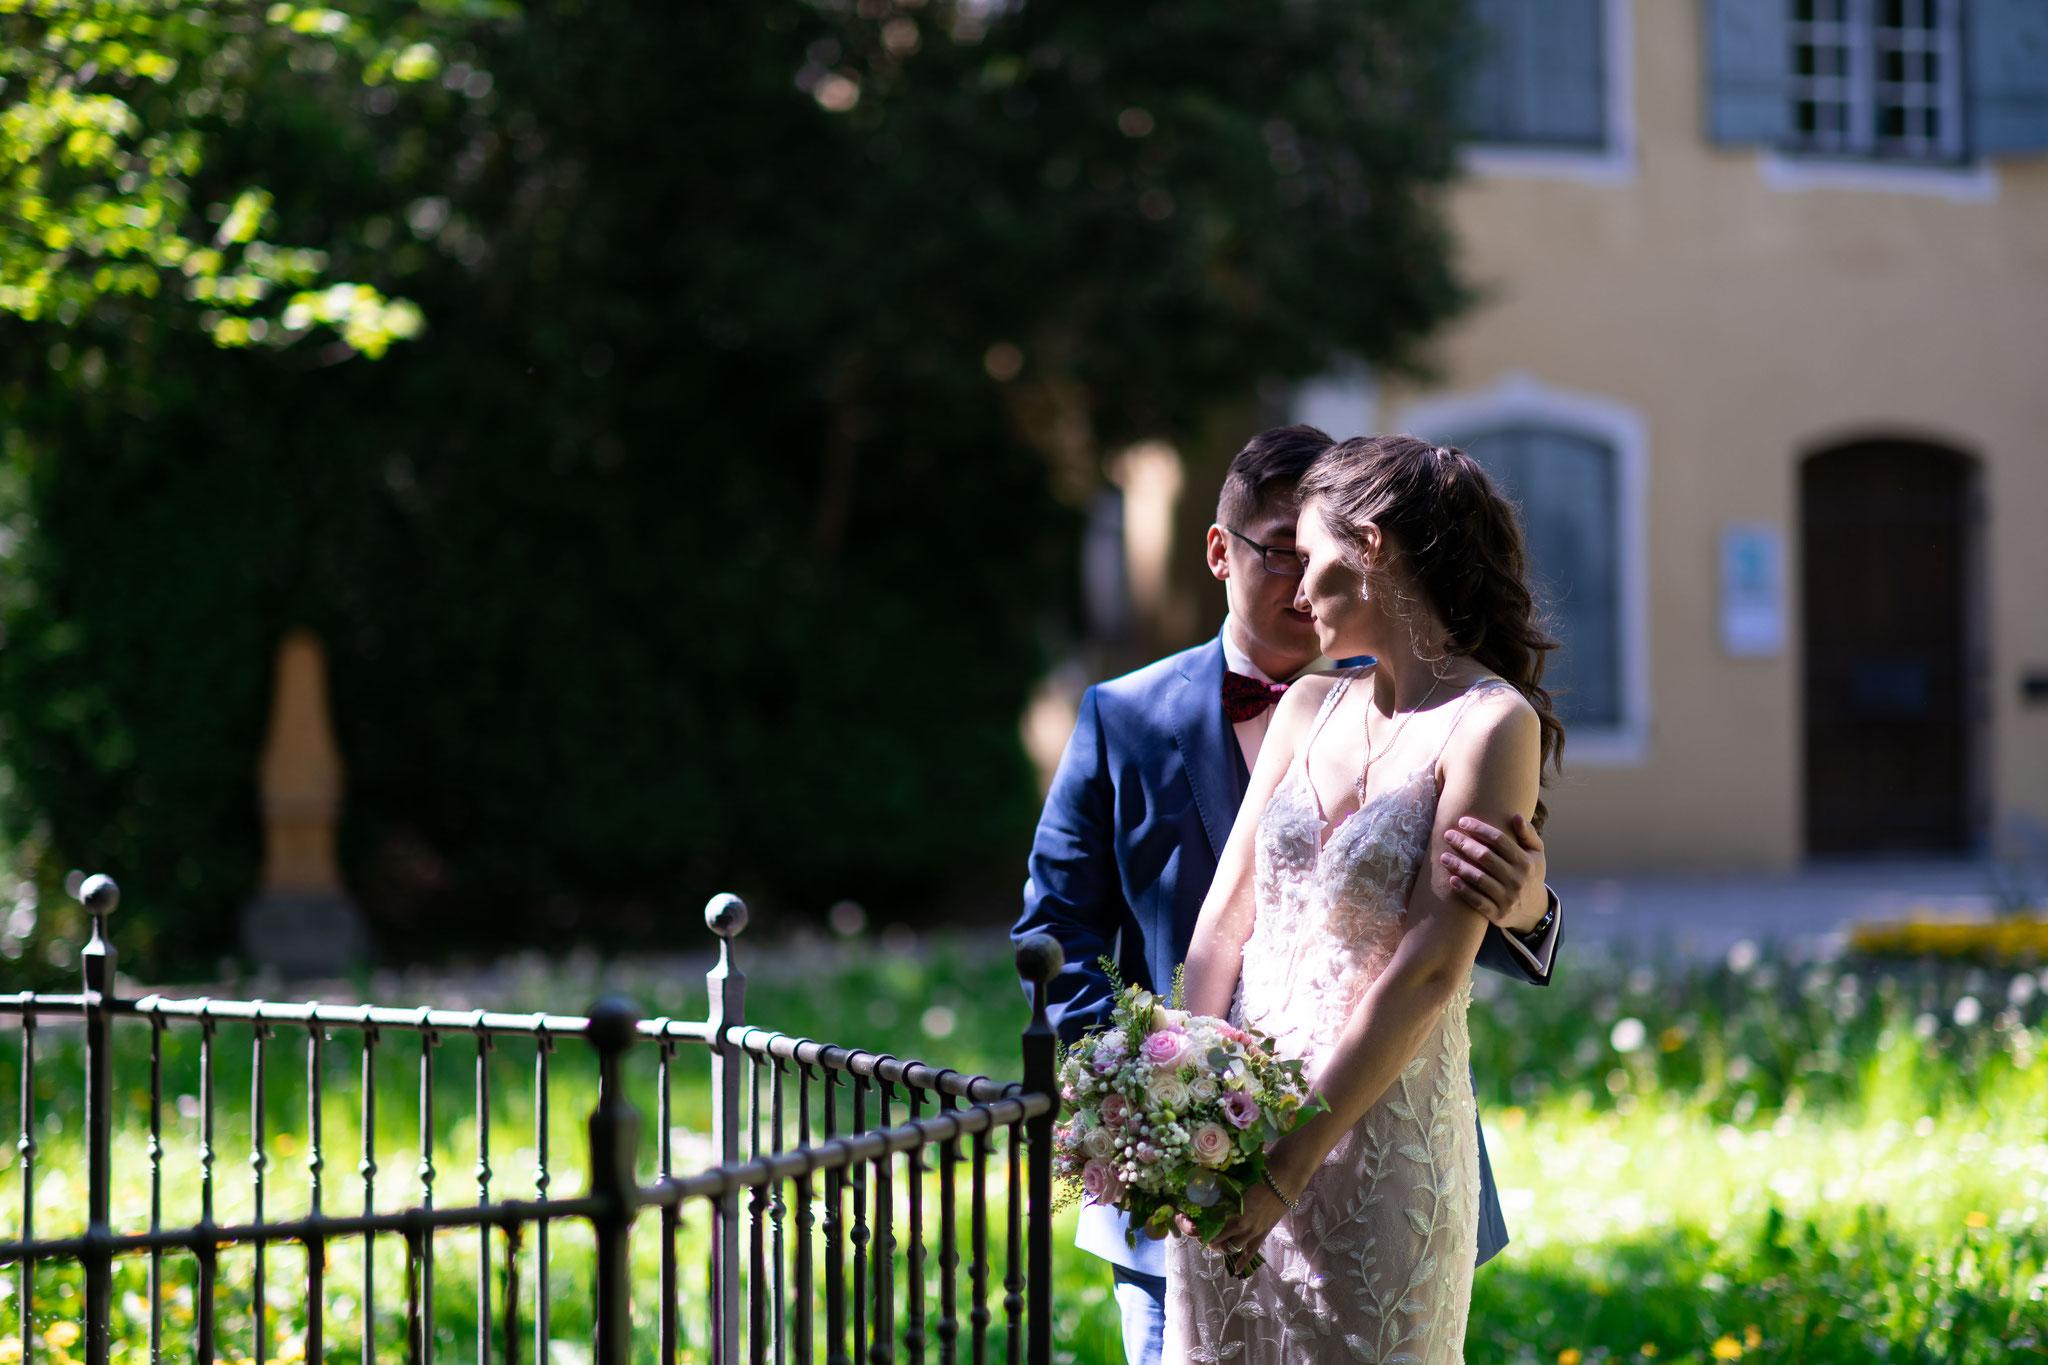 Fotograf für authentische und professionelle Hochzeitsfotos in Memmingen und Bayern